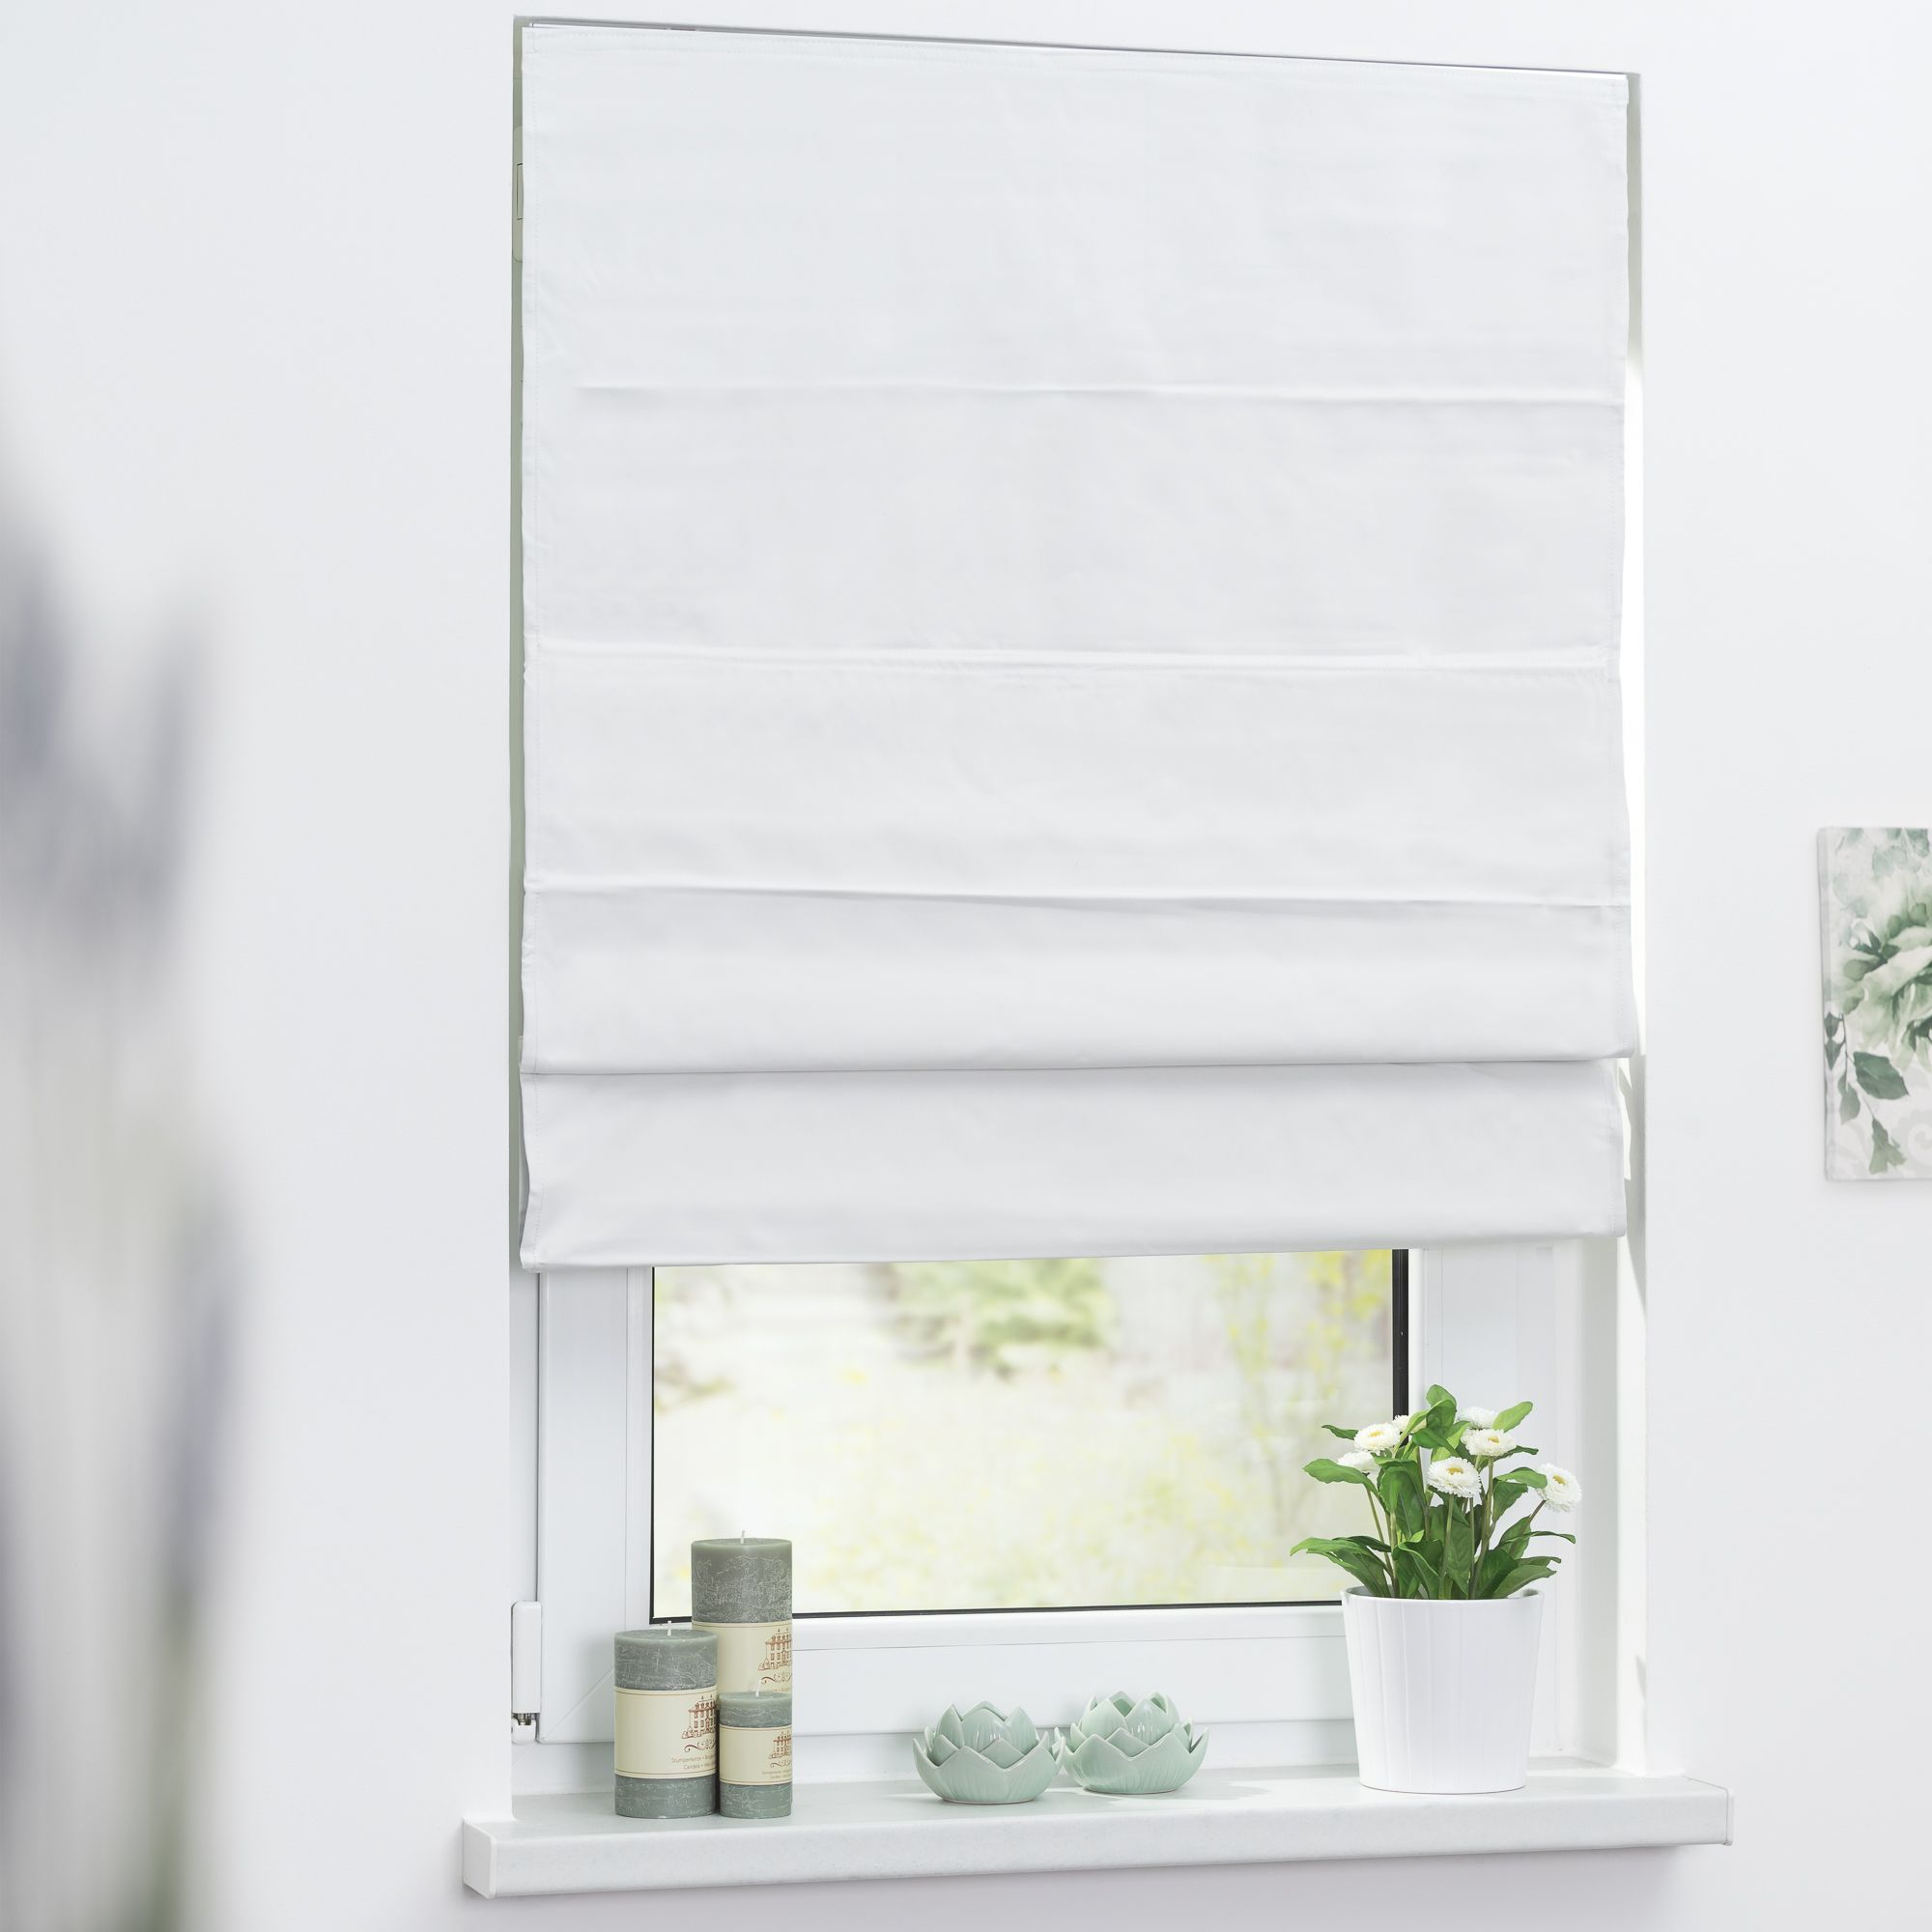 Elegant Dachfenster Gardinen Katalog Schema